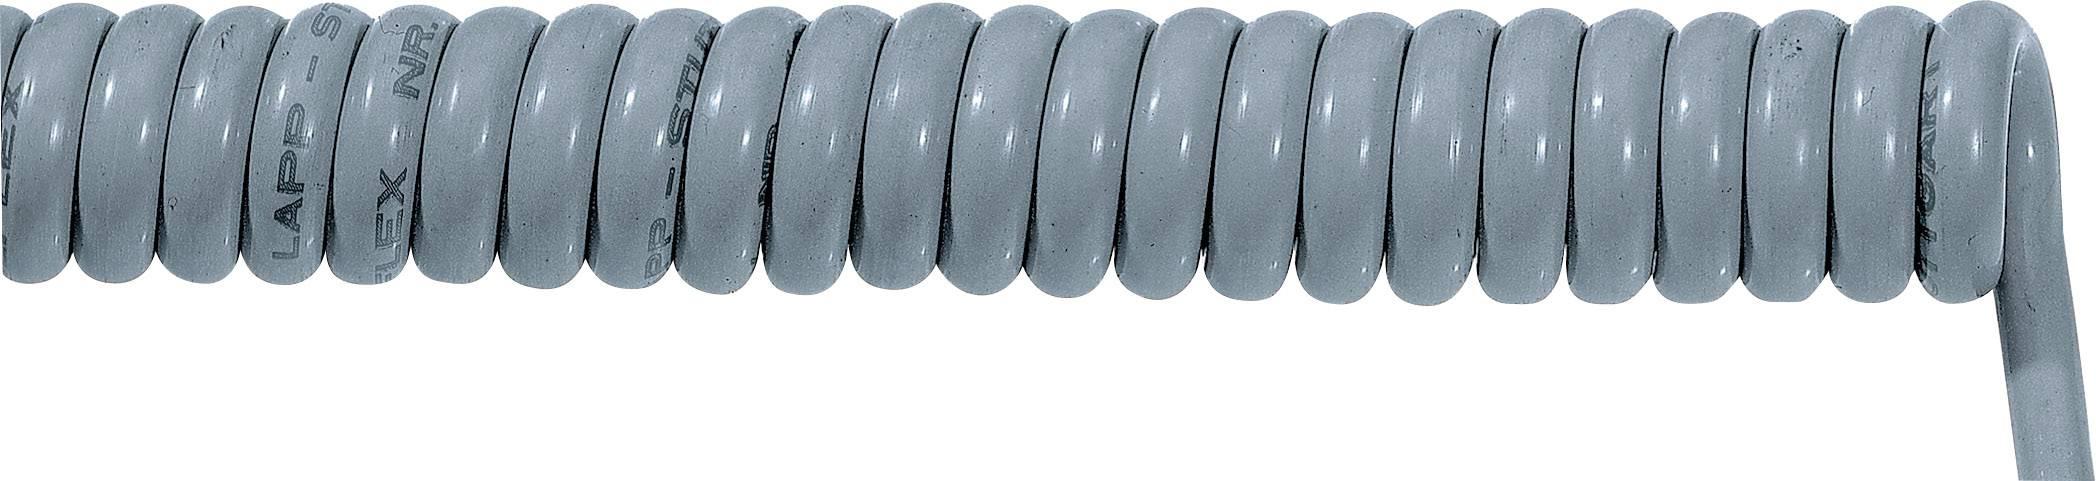 Špirálový kábel 70002727 ÖLFLEX® SPIRAL 400 P 7 x 0.75 mm², 1000 mm / 3000 mm, sivá